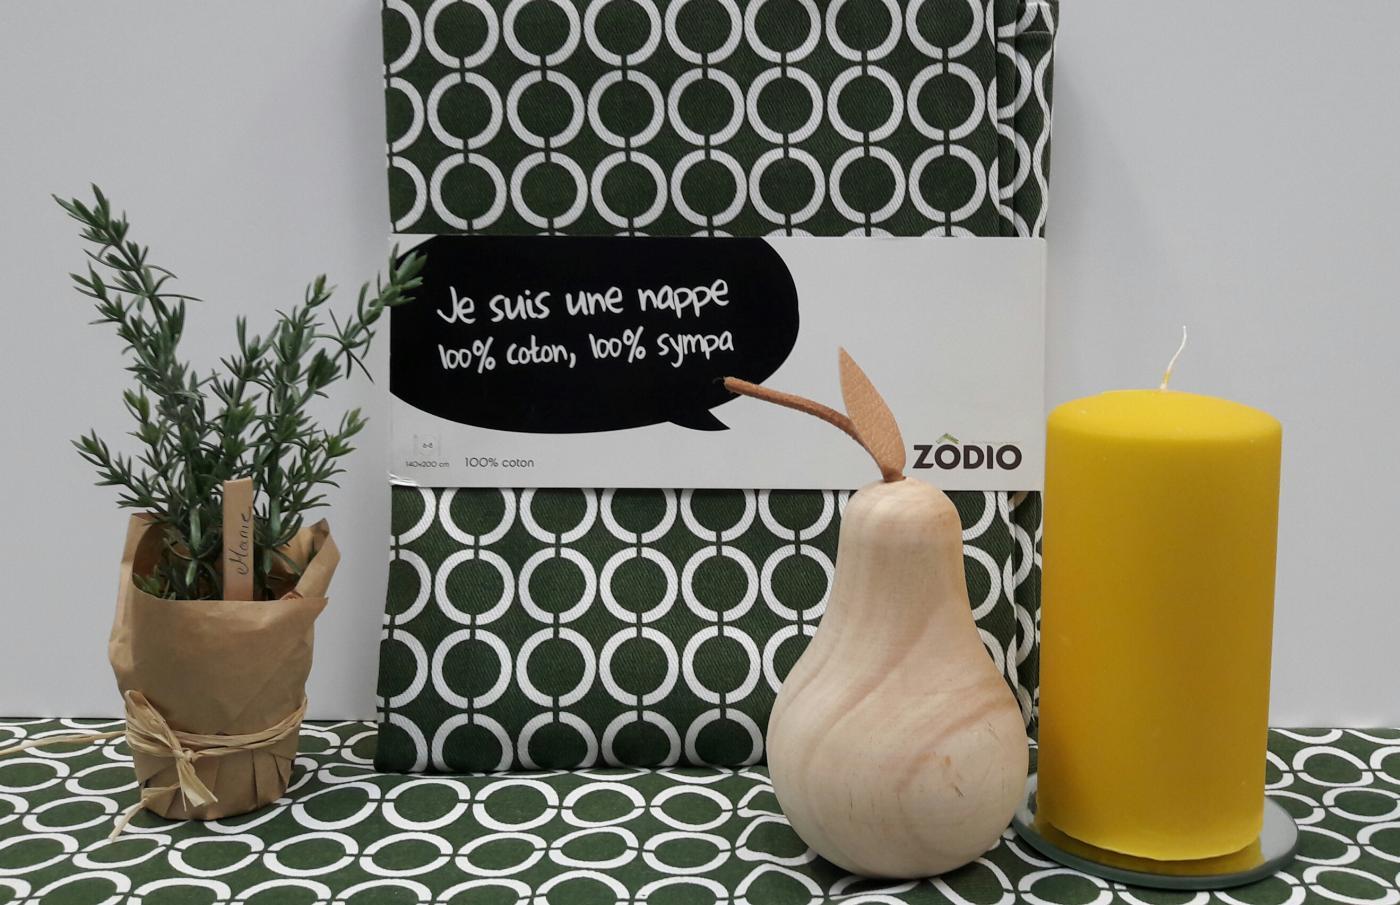 J'ai testé pour vous la nappe ZODIO KAKI (140 X 200)